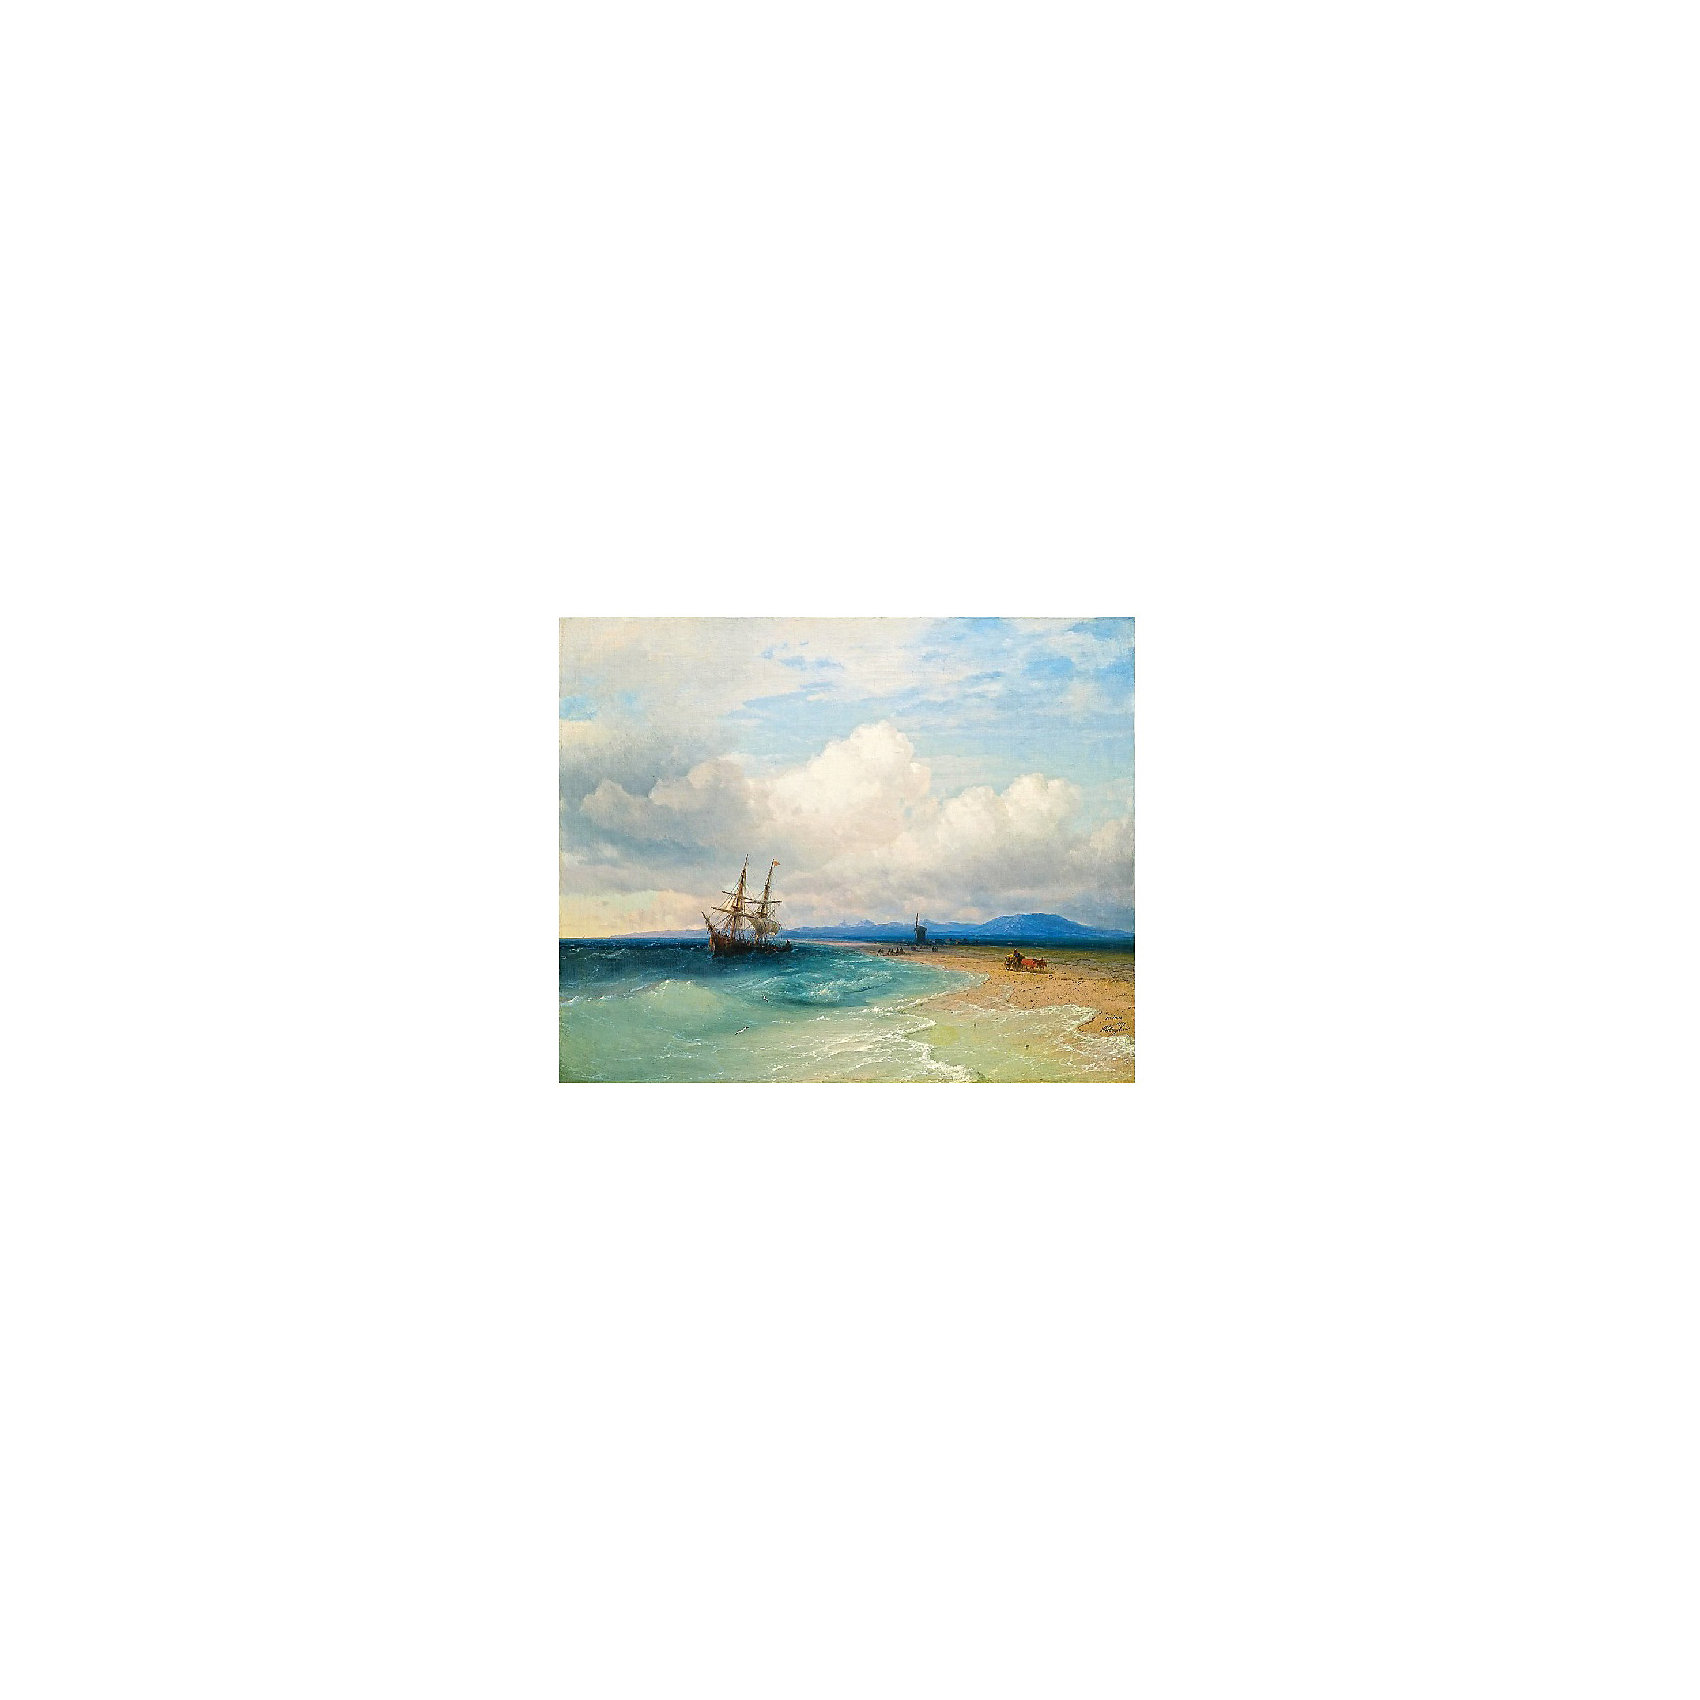 Картина по номерам Айвазовский: Вдоль Крымского берега, 40*50 смРаскраски по номерам<br>Характеристики товара:<br><br>• материал упаковки: картон <br>• в комплект входит: холст, акриловые краски, 3 кисти<br>• количество красок: 30<br>• возраст: от 8 лет<br>• вес: 730 г<br>• размер картинки: 40х50 см<br>• габариты упаковки: 40х50х4 см<br>• страна производитель: Китай<br><br>Наборы для создания картин по номерам совсем недавно появились на рынке, но уже успели завоевать популярность. Закрашивая черно-белые места на картинке, ребенок получит полноценную картину и развитие художественного мастерства. Материалы, использованные при изготовлении товаров, проходят проверку на качество и соответствие международным требованиям по безопасности. <br><br>Картину по номерам Айвазовский: Вдоль Крымского берега, 40*50 см можно купить в нашем интернет-магазине.<br><br>Ширина мм: 500<br>Глубина мм: 400<br>Высота мм: 40<br>Вес г: 730<br>Возраст от месяцев: 108<br>Возраст до месяцев: 2147483647<br>Пол: Унисекс<br>Возраст: Детский<br>SKU: 5417676